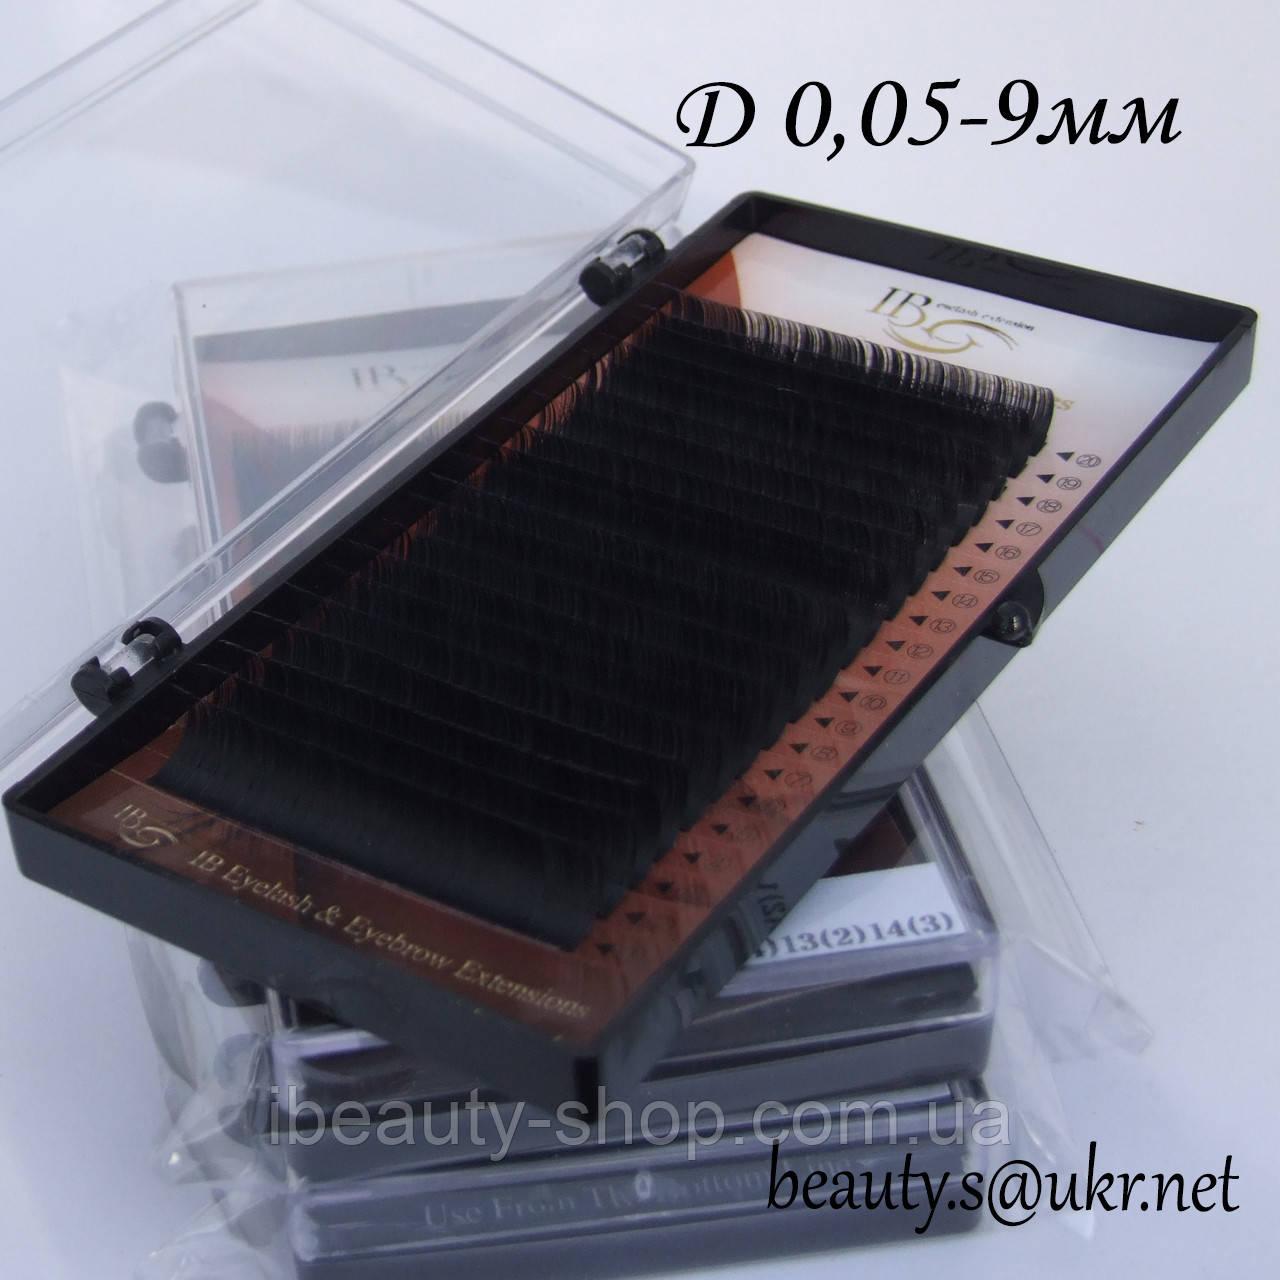 Вії I-Beauty на стрічці D-0,05 9мм